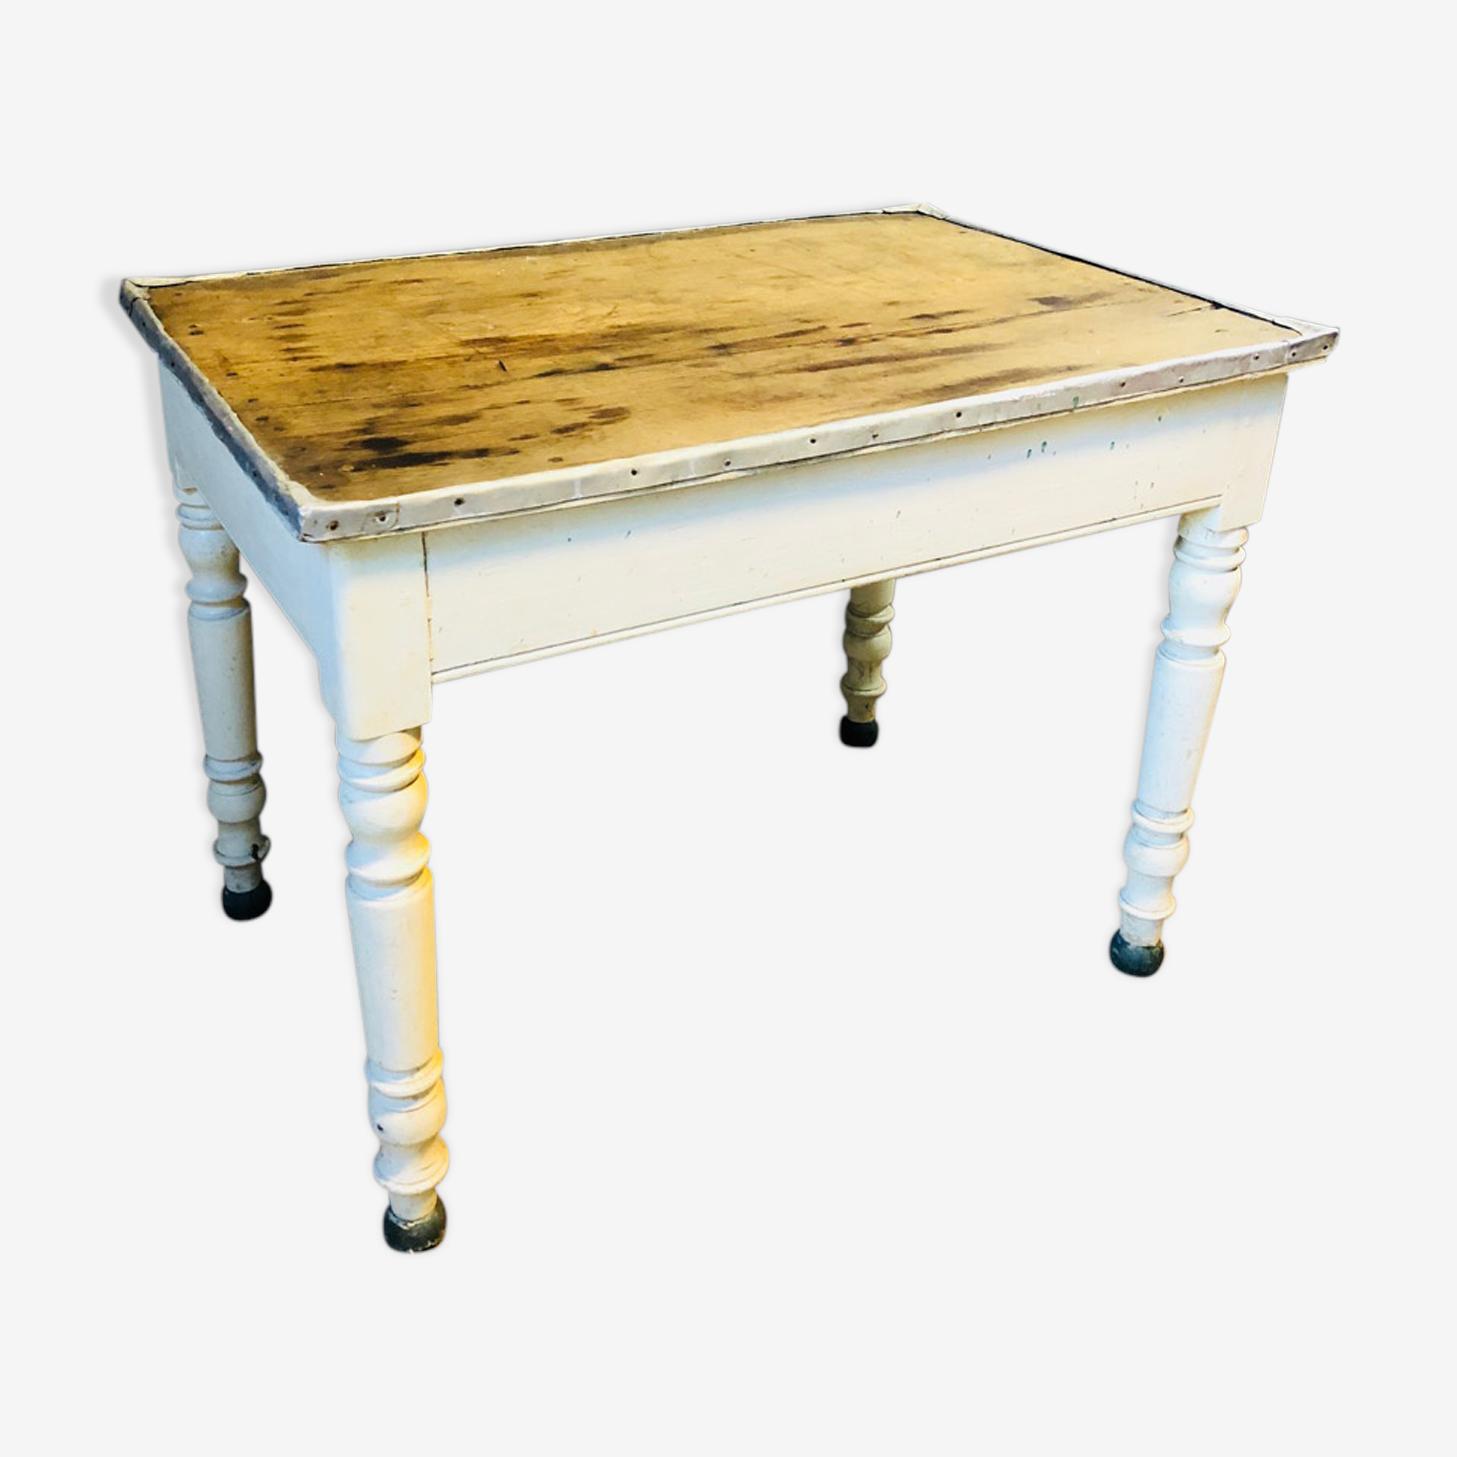 Table avec bordure en zinc, pieds blancs et bois